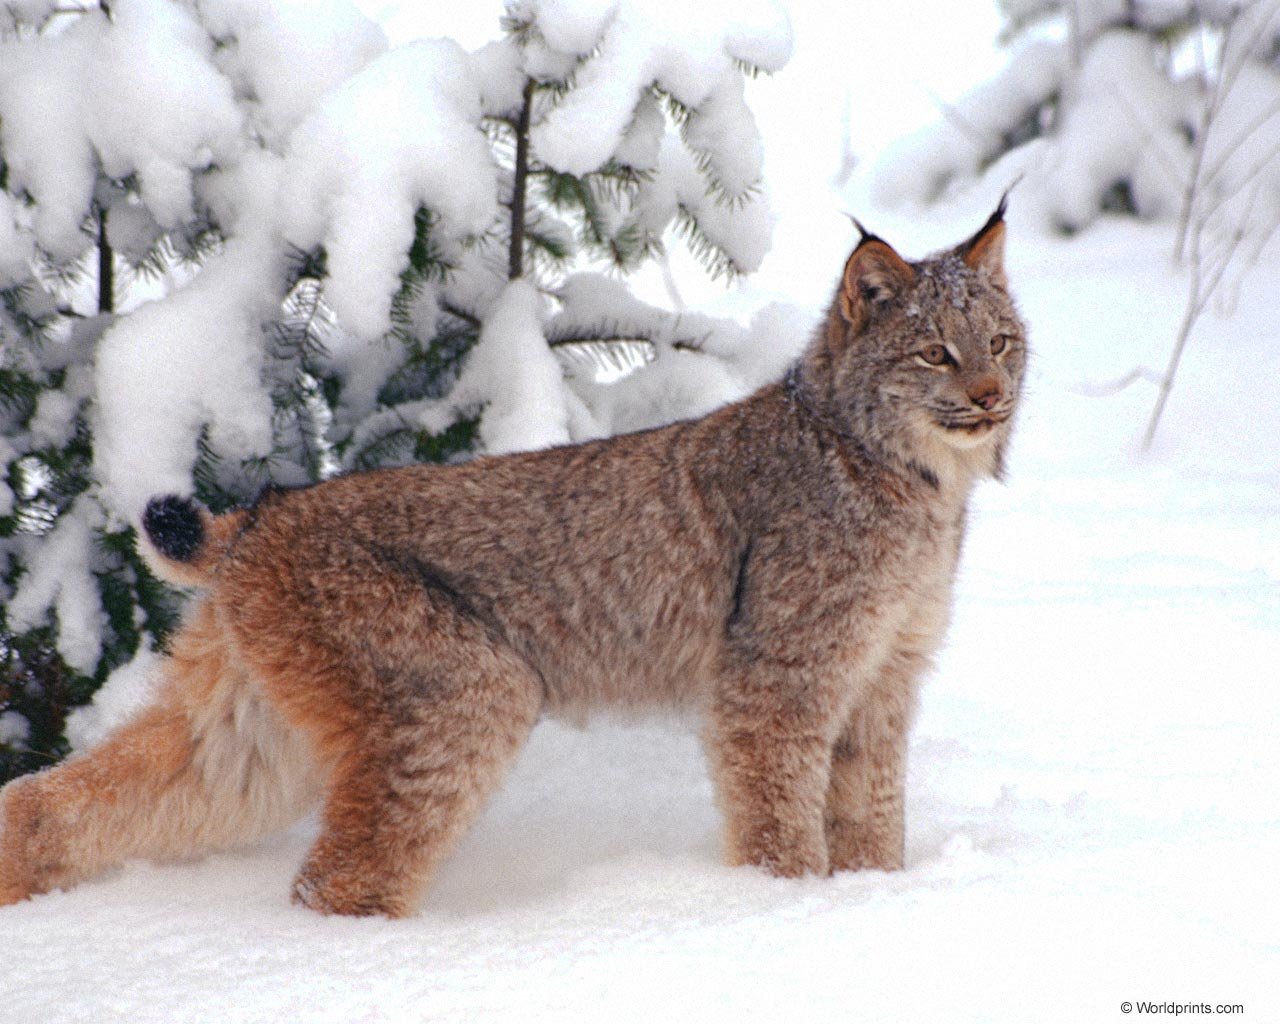 Big Cat That Looks Like A Bobcat